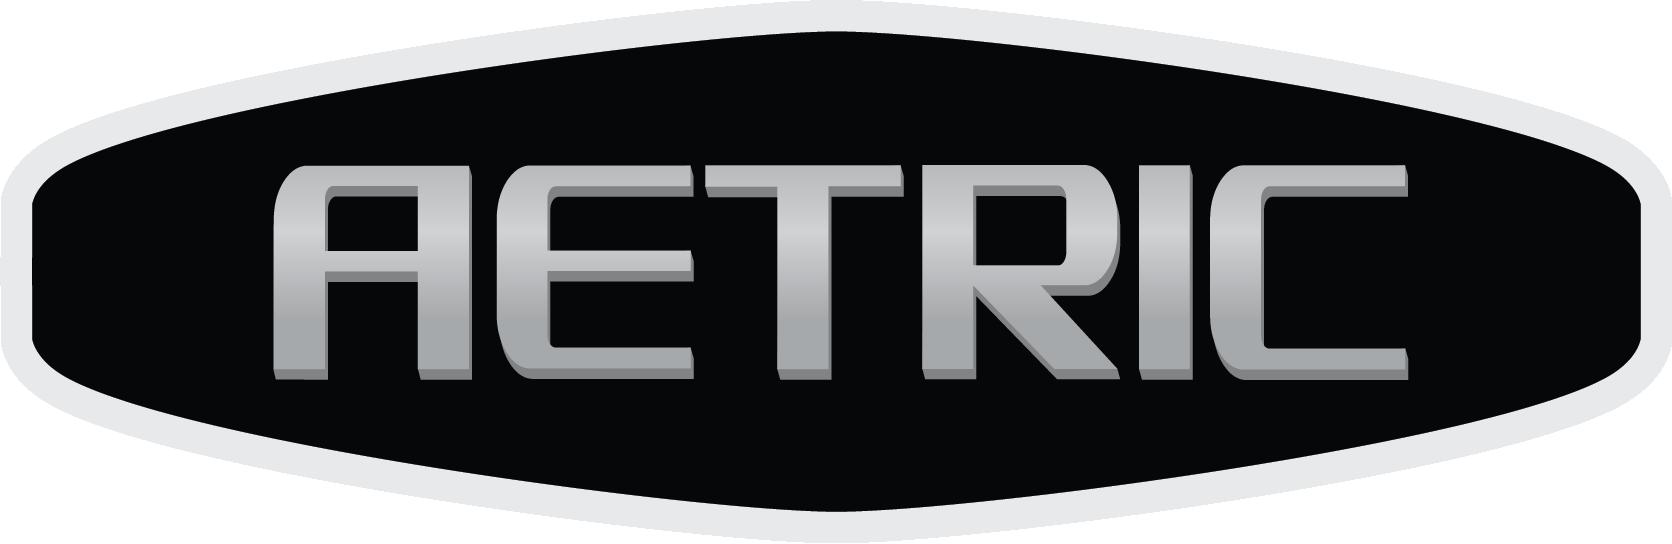 Aetric oval logo